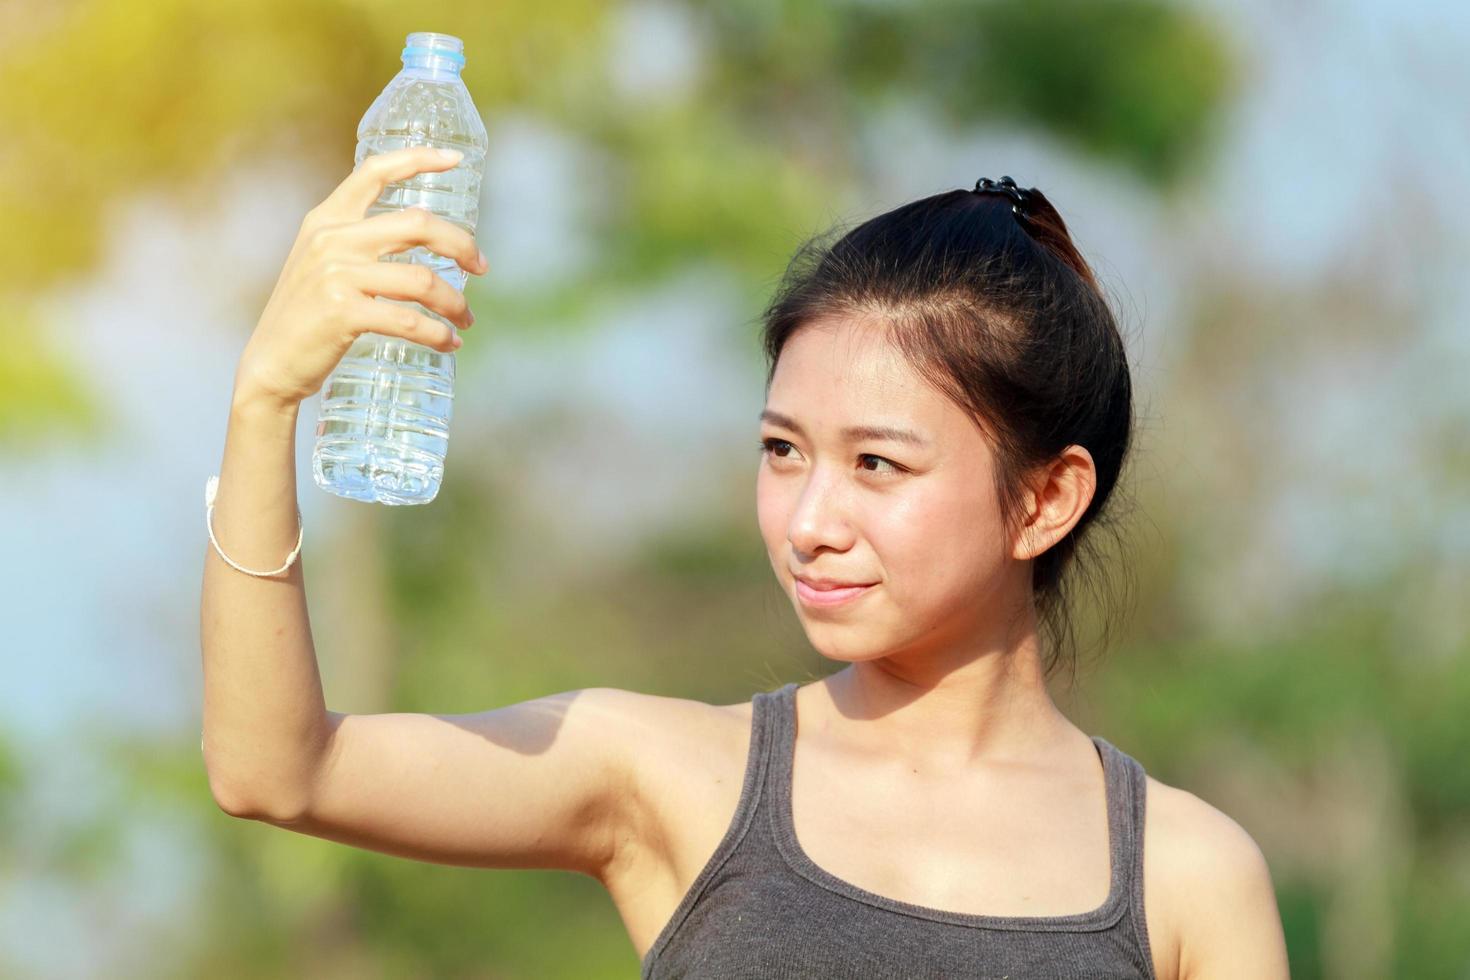 mujer deportiva bebiendo agua en un día soleado foto